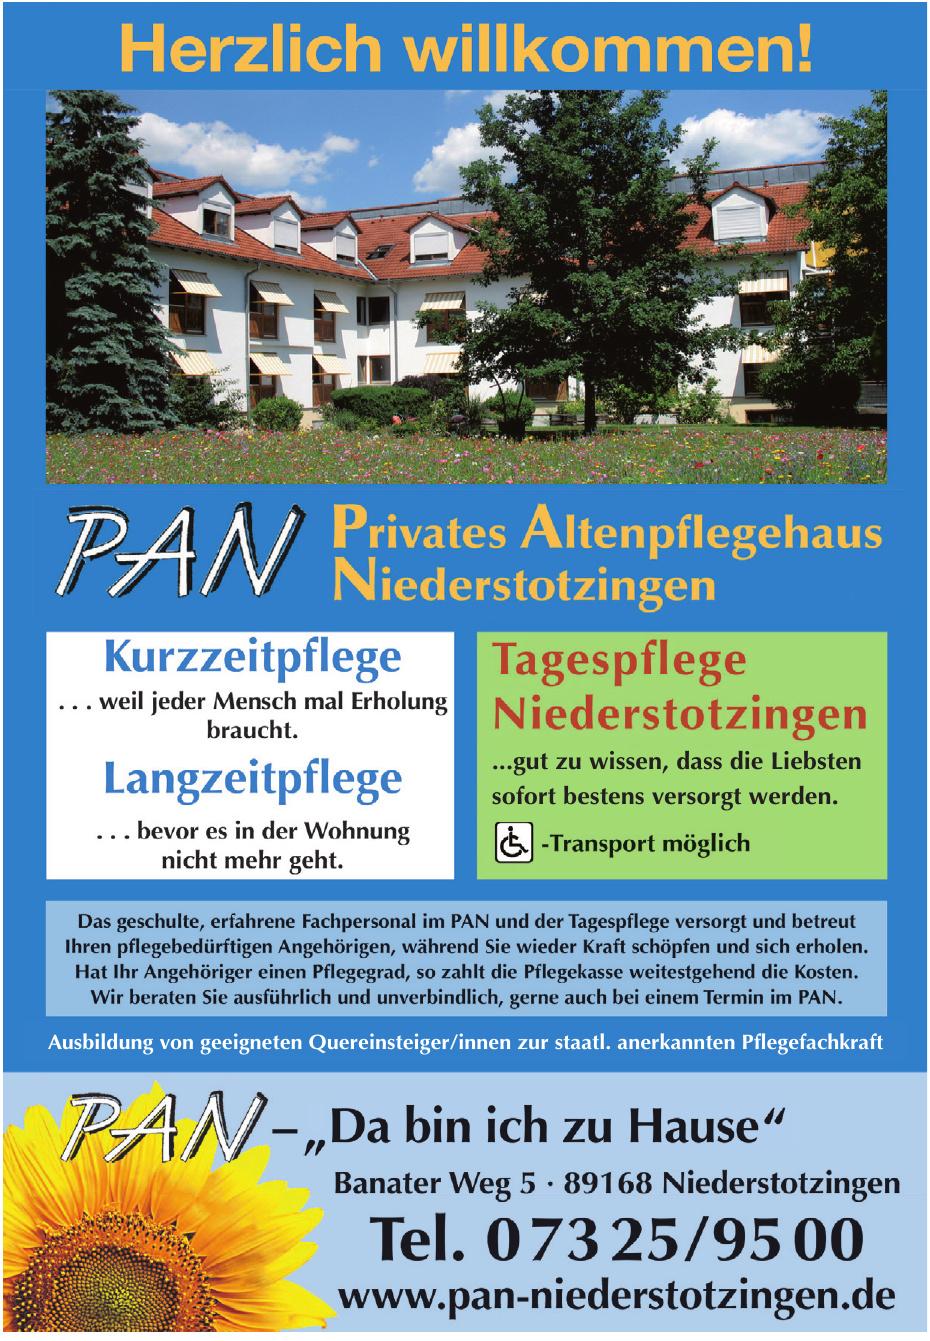 PAN Privates Altenpflegehaus Niederstotzingen